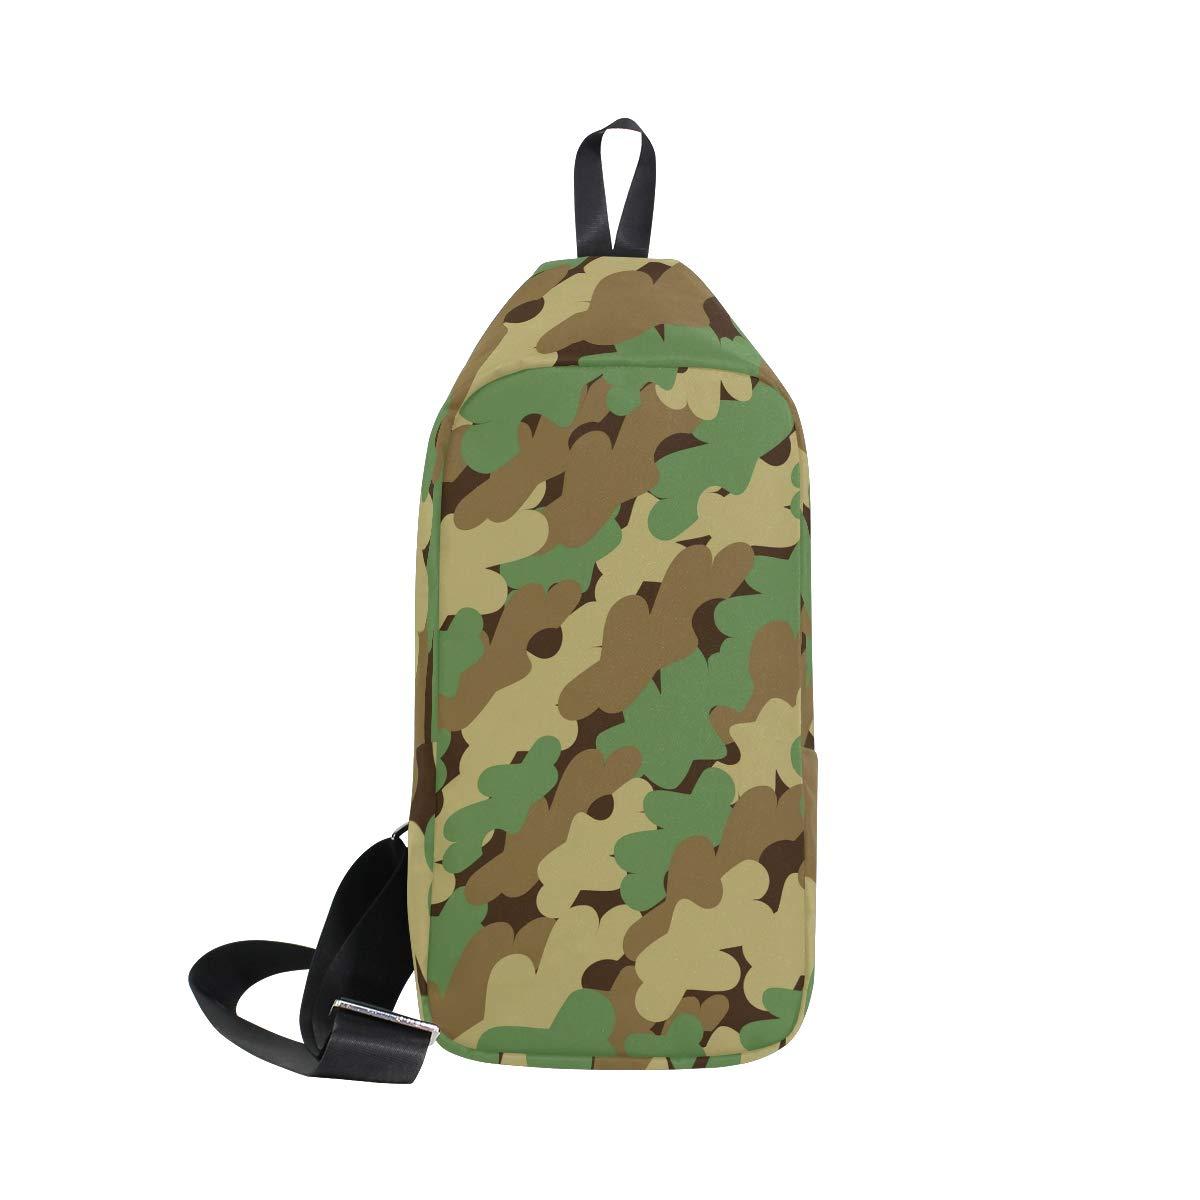 Unisex Messenger Bag Mosaic Camouflage Shoulder Chest Cross Body Backpack Bag